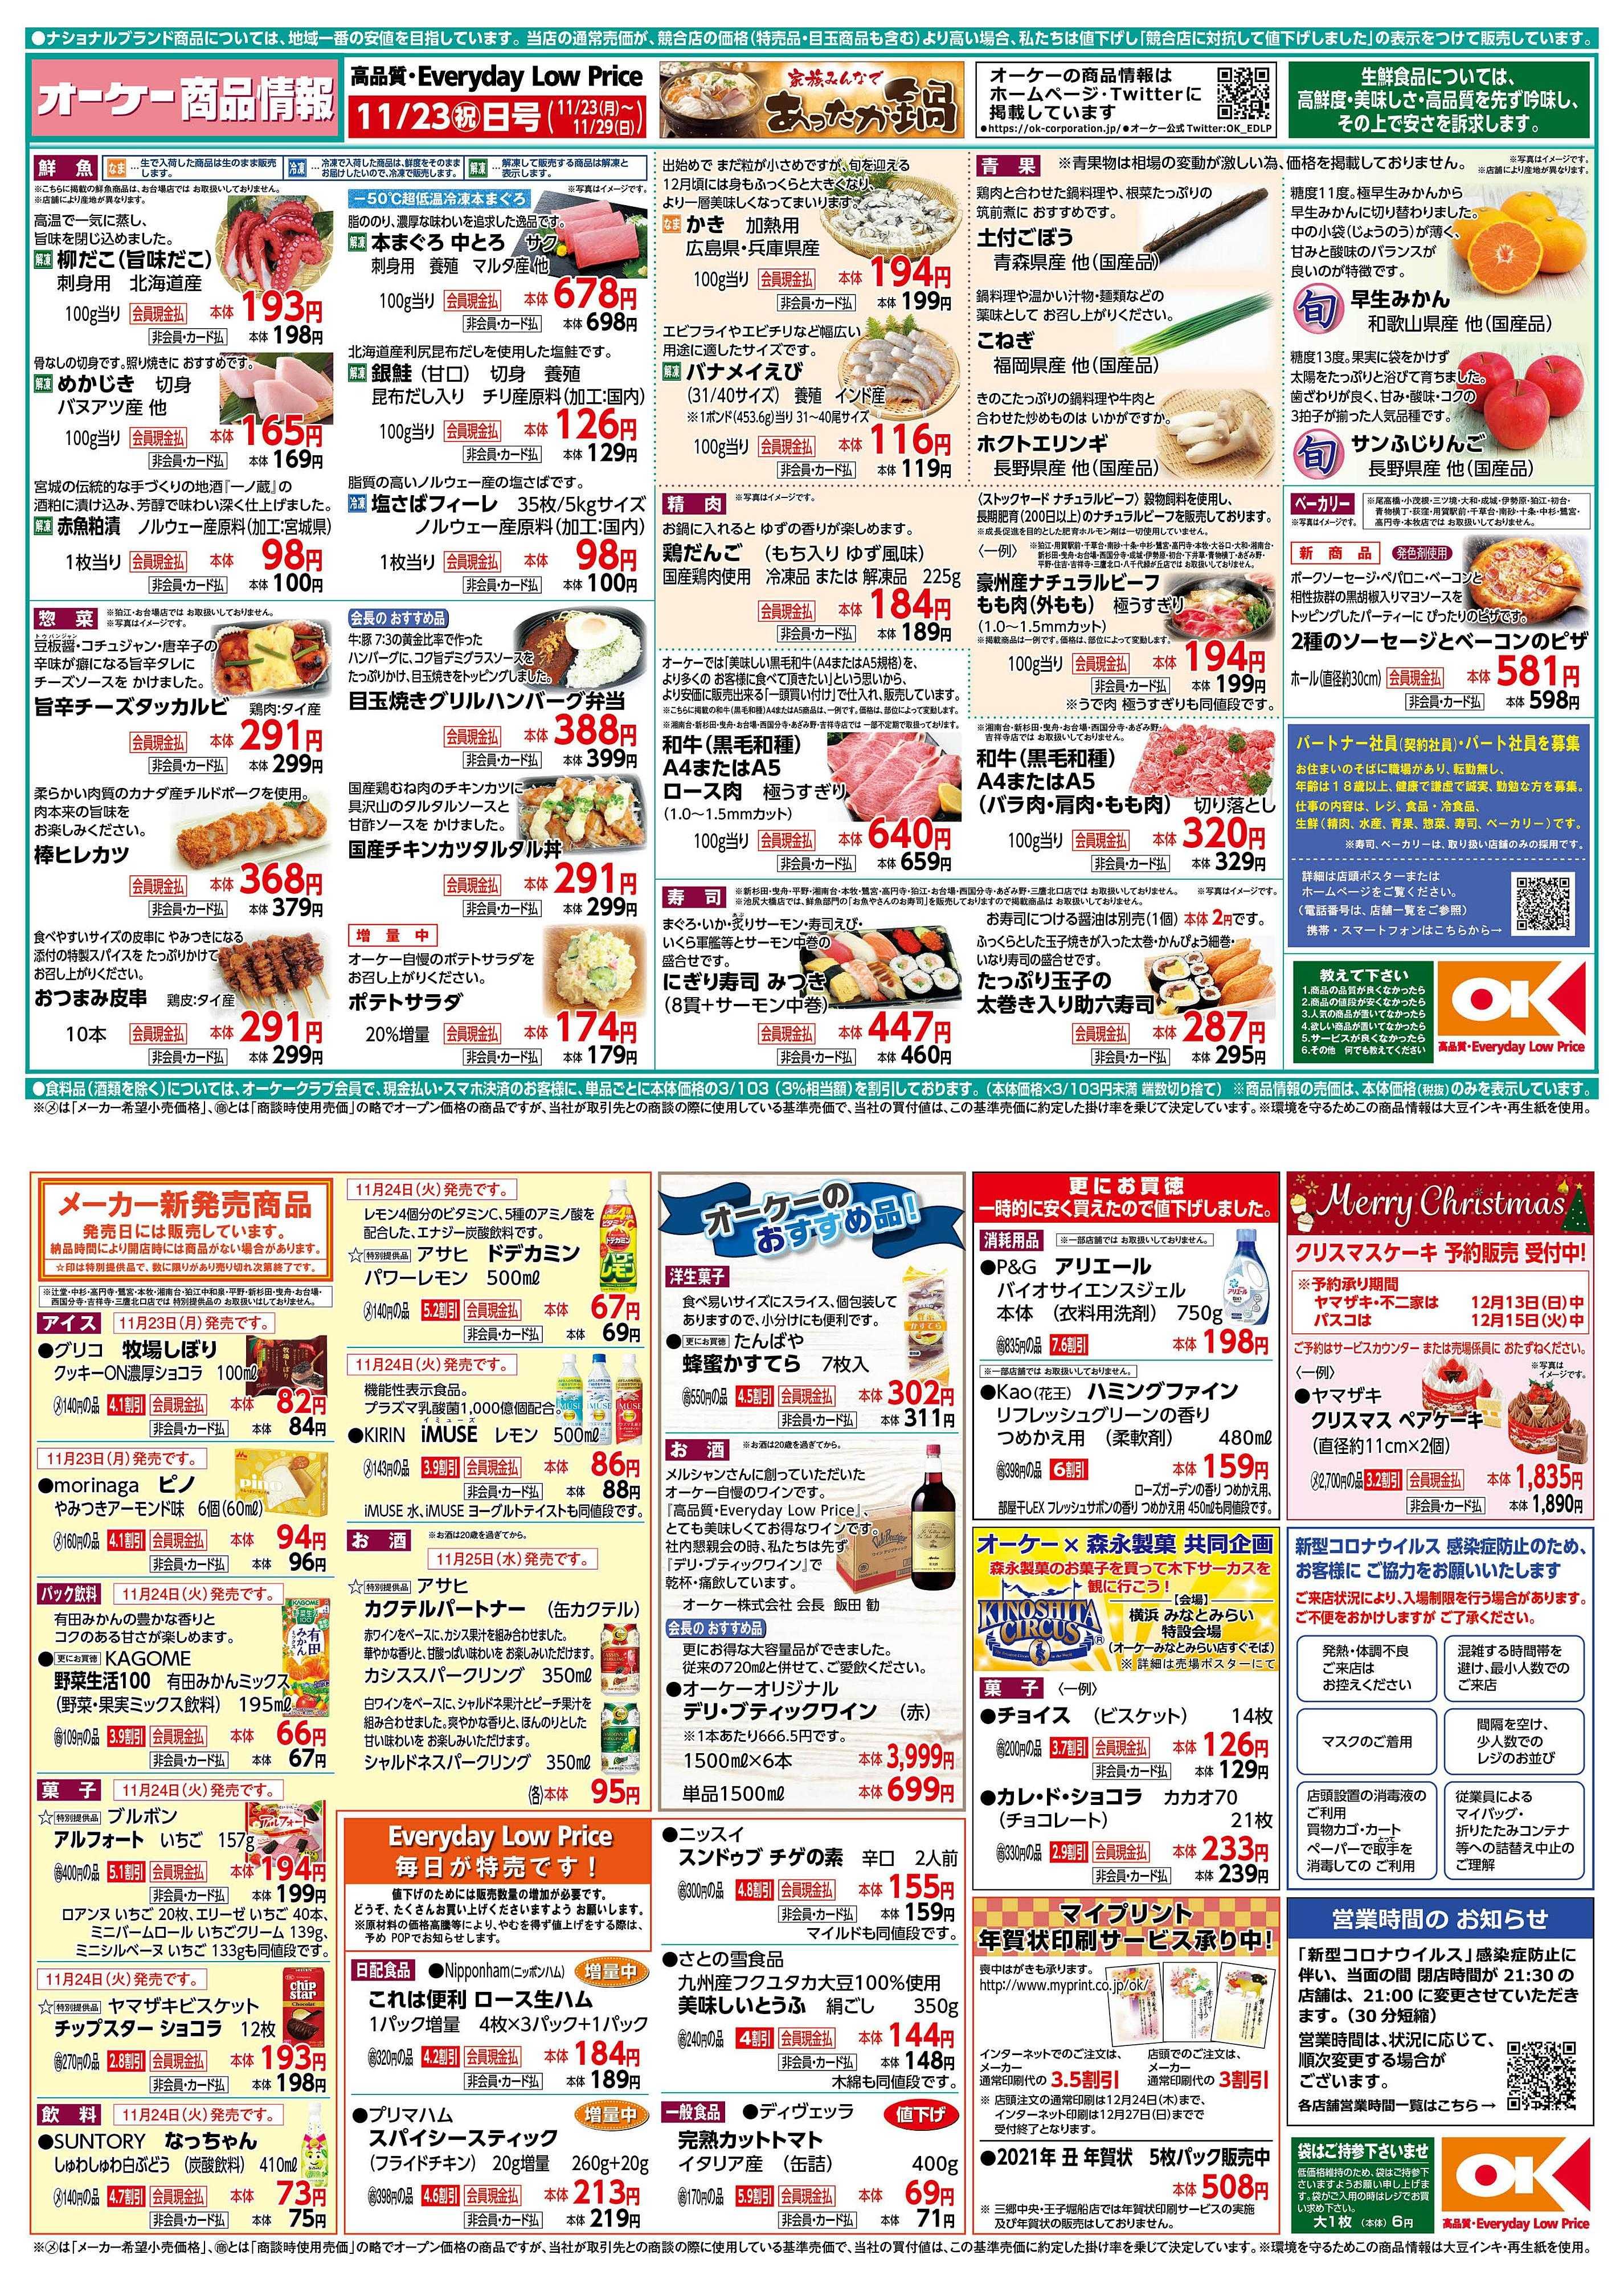 オーケー 商品情報紙11月23日号